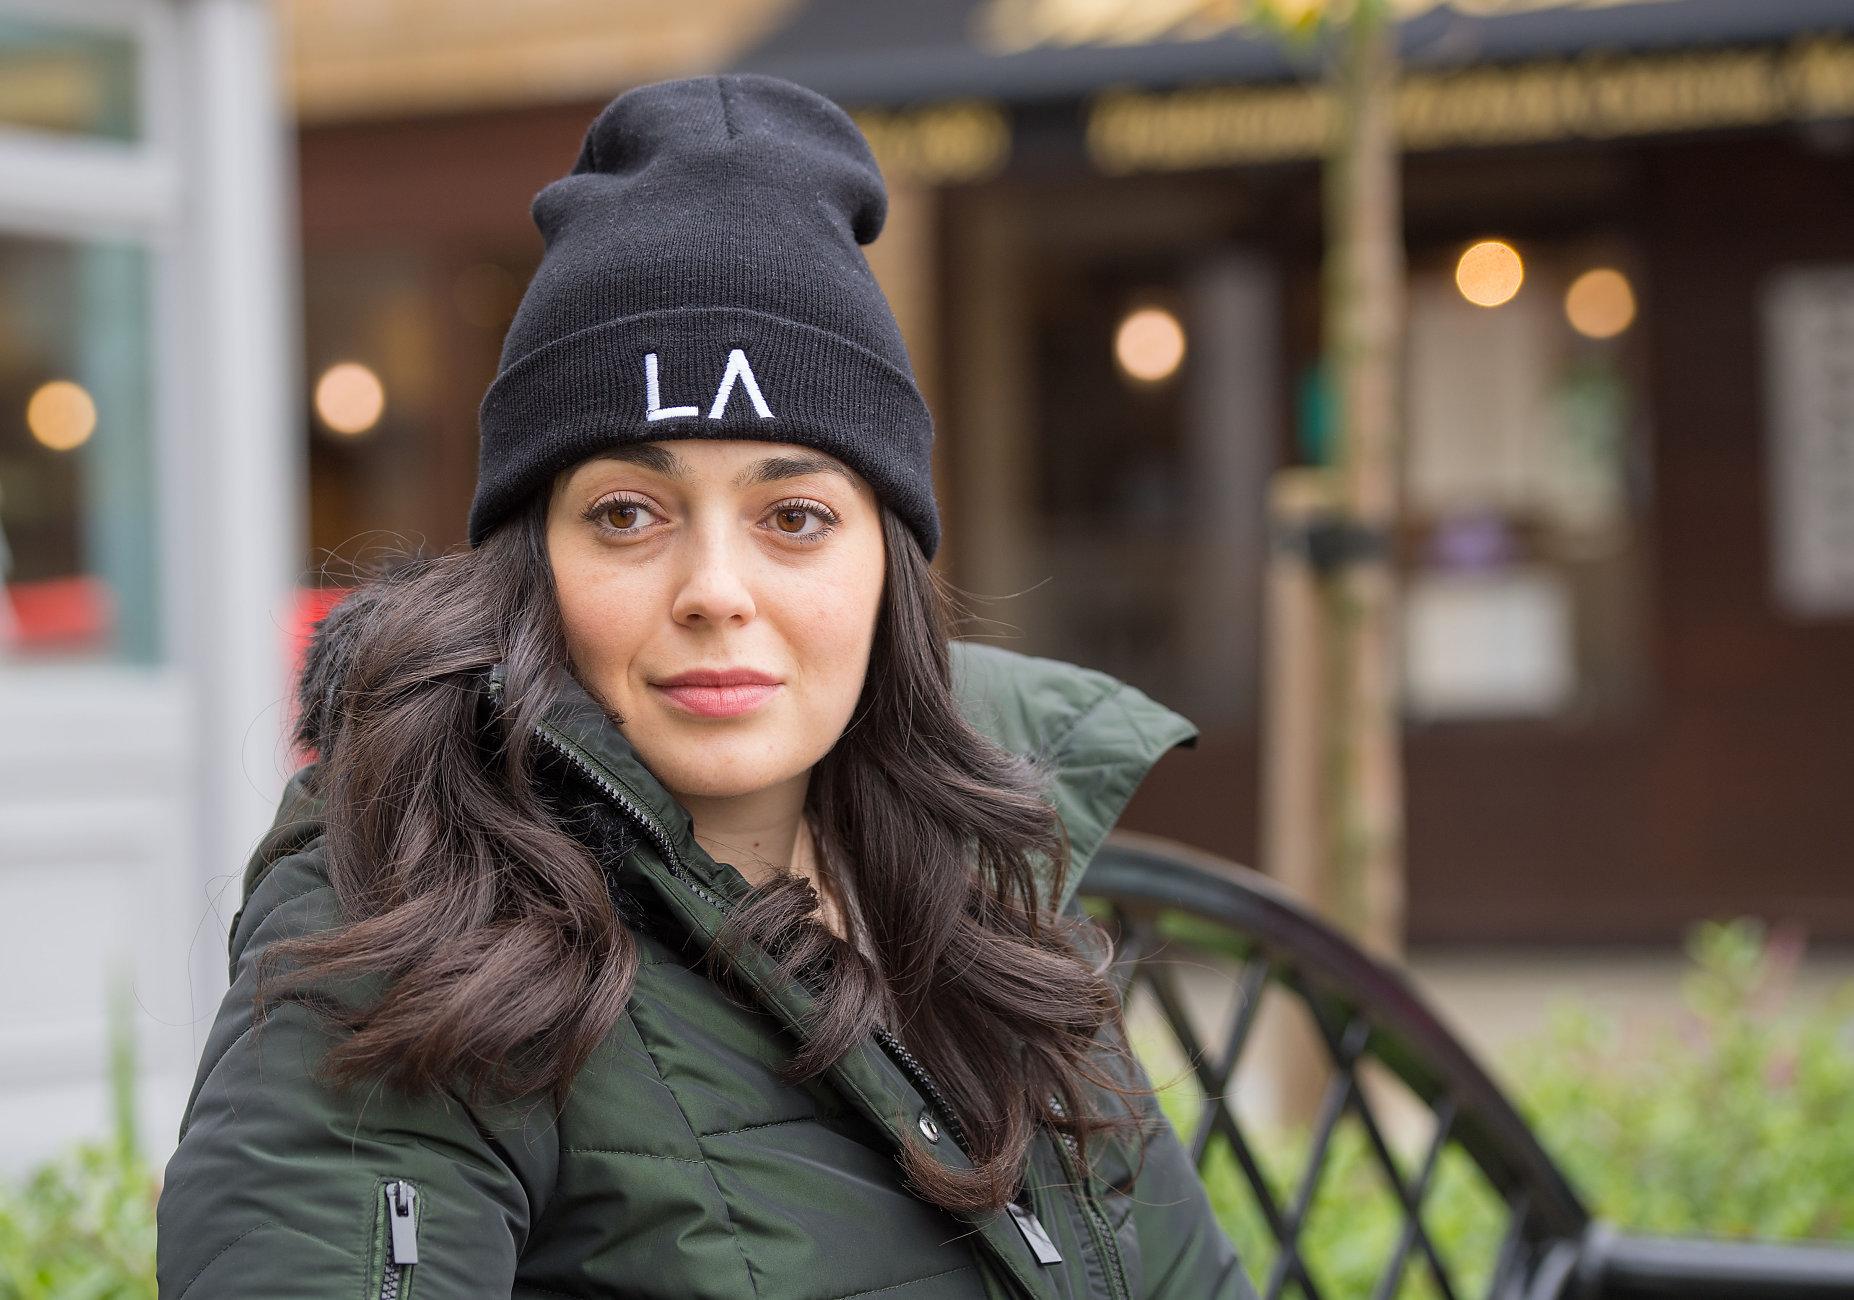 Laura at Ware - 2